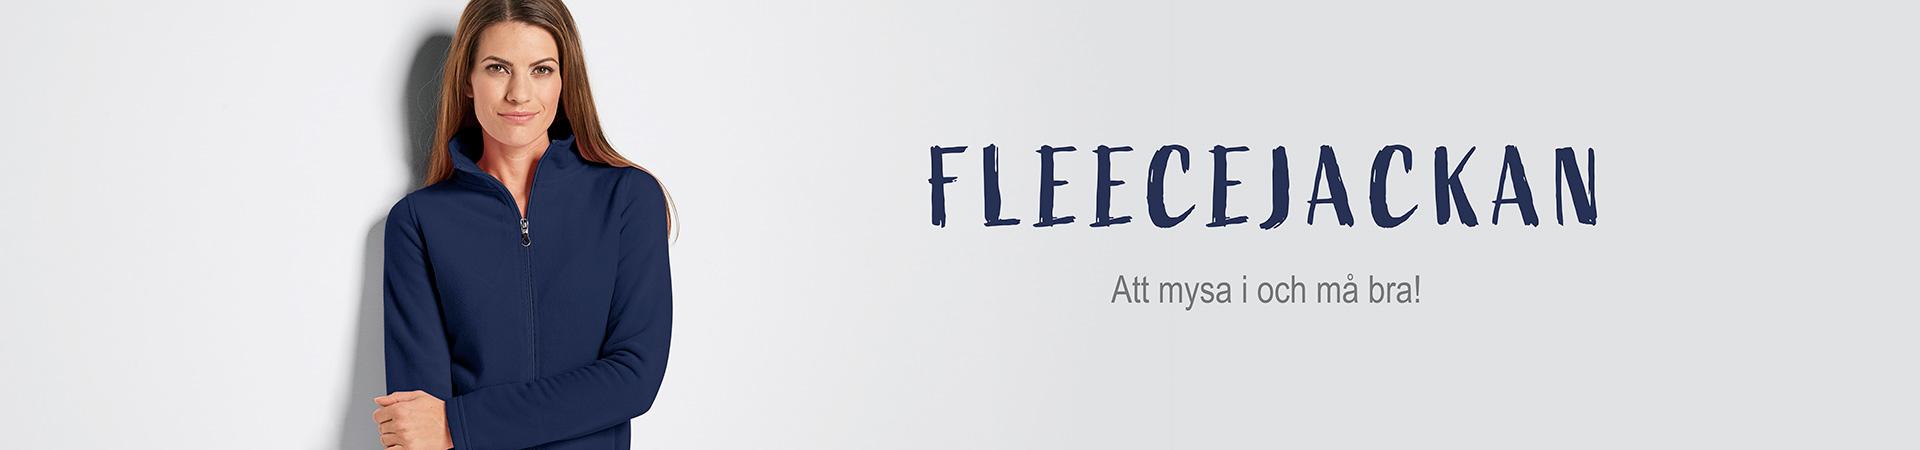 Fleecejackan - 7days